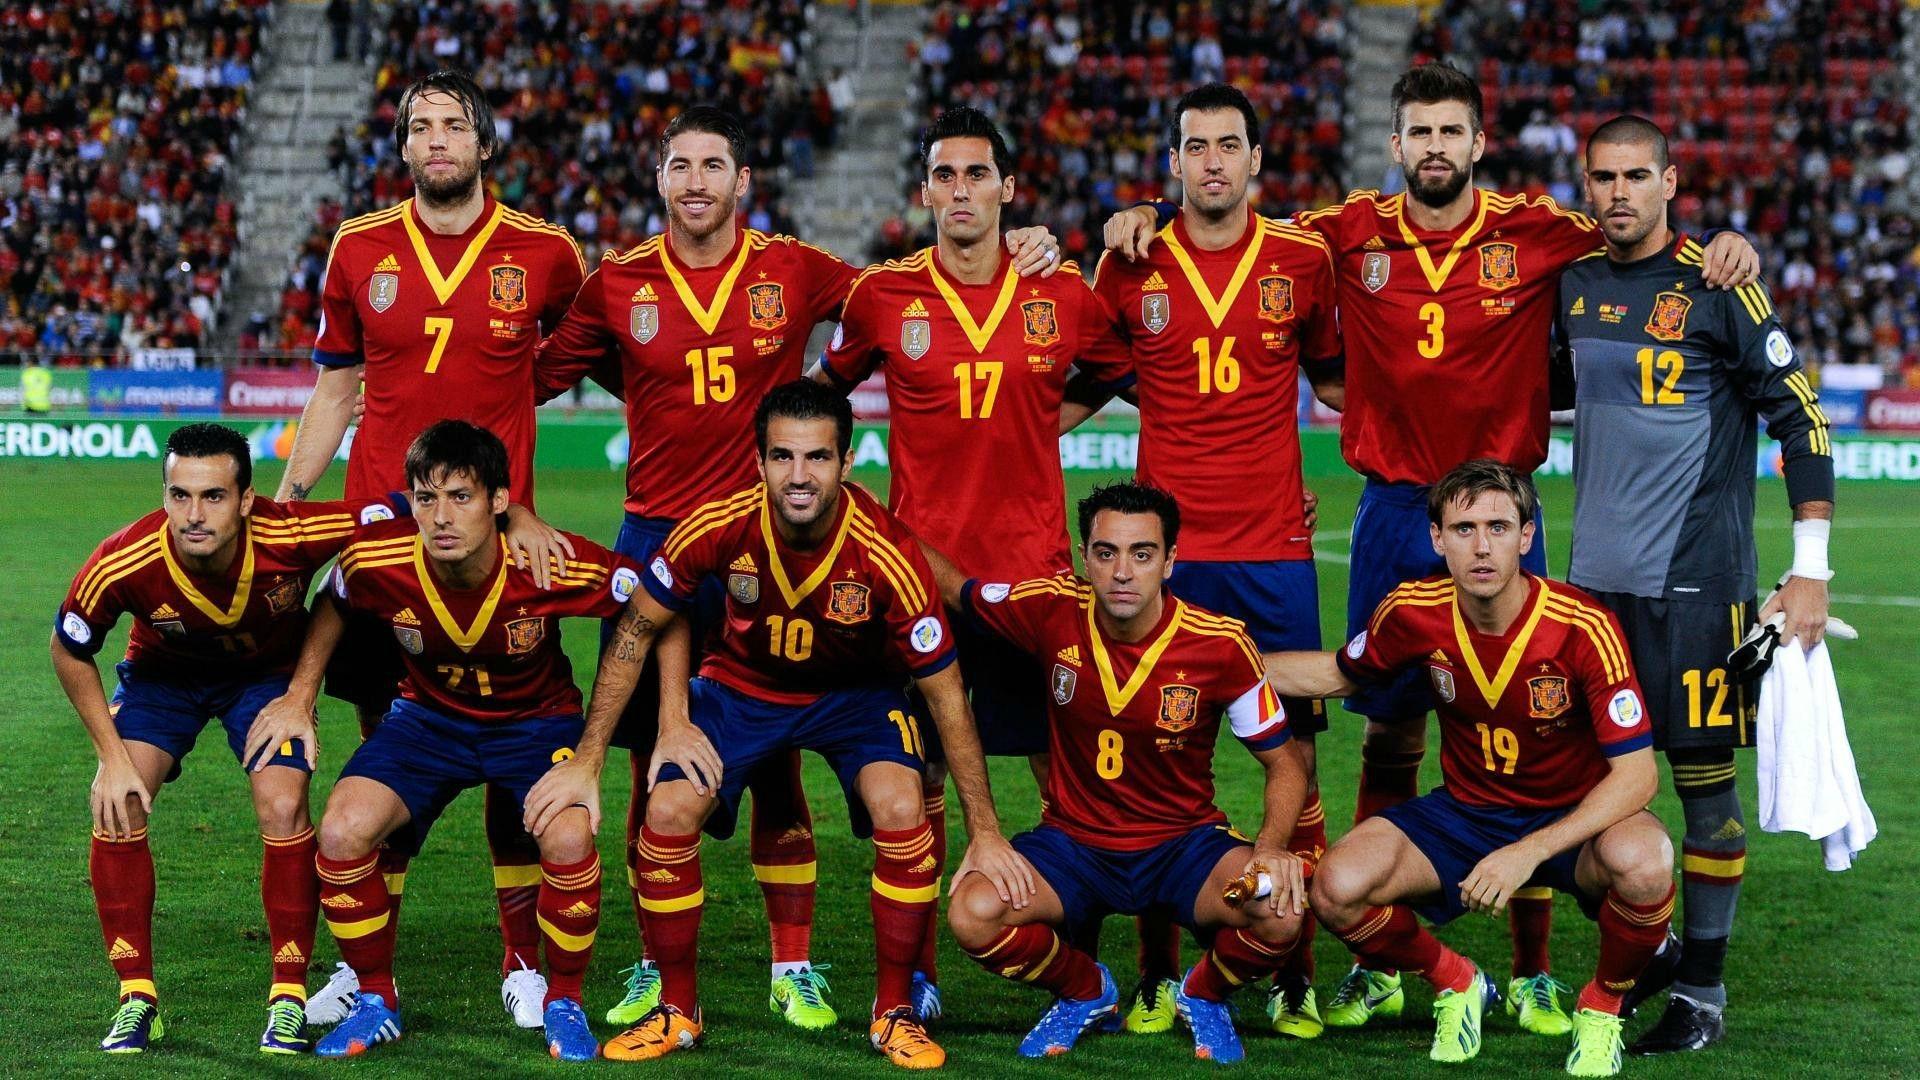 Mannschaft Spanisch